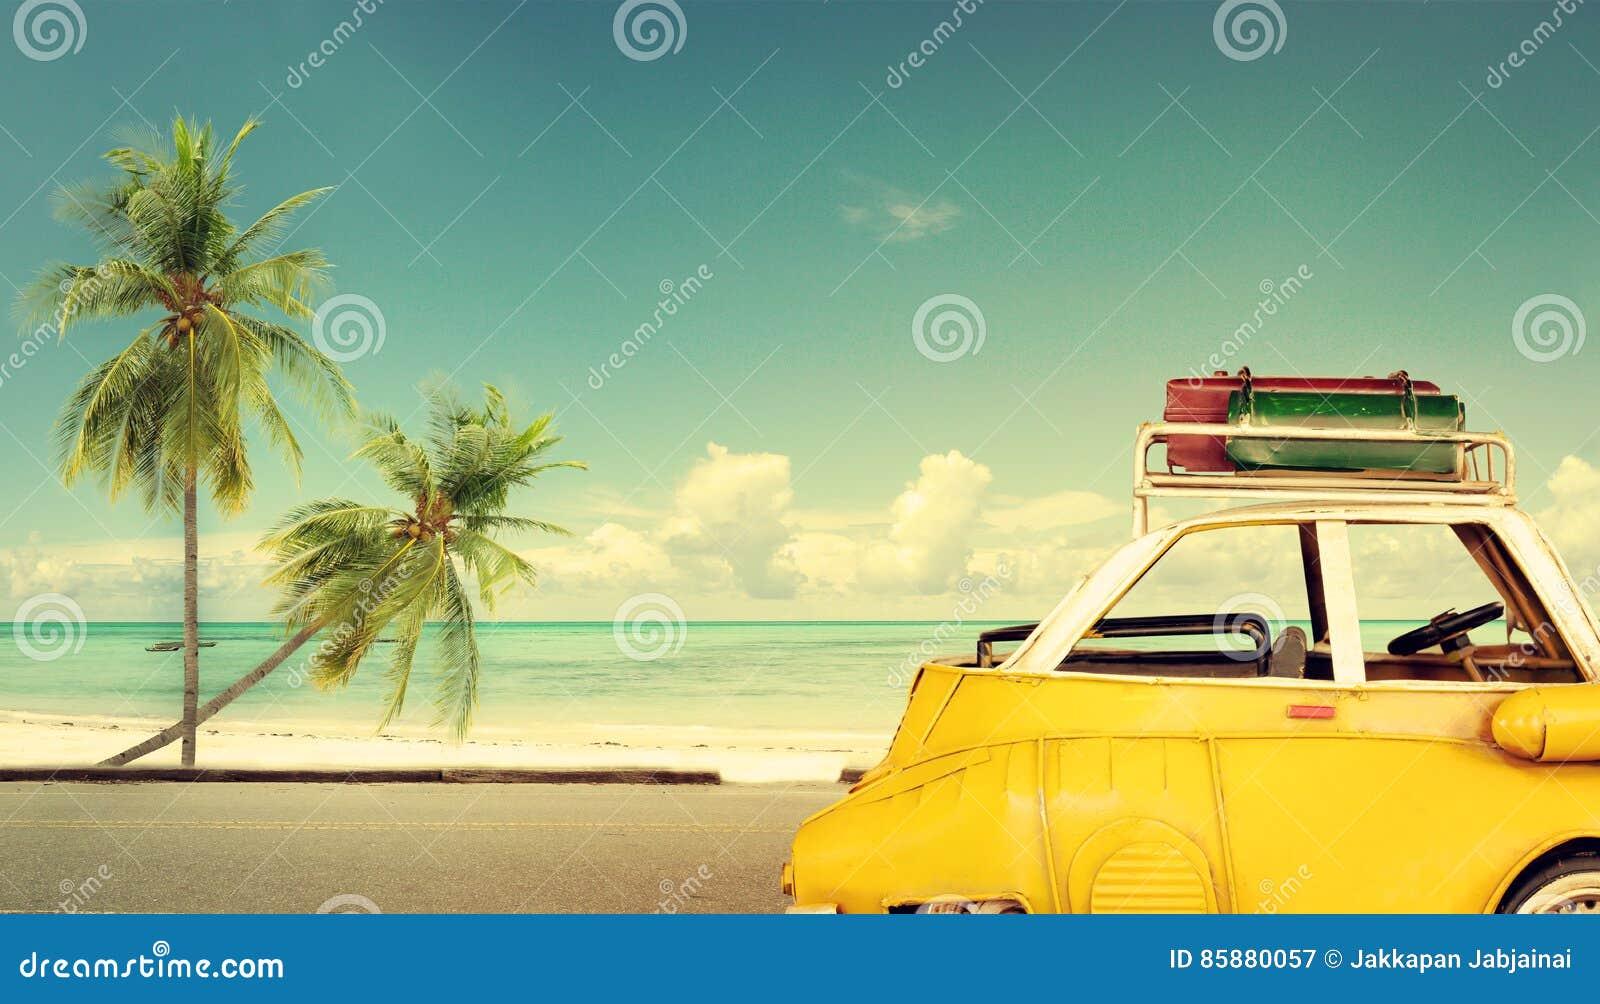 Προορισμός ταξιδιού: εκλεκτής ποιότητας κλασικό αυτοκίνητο που σταθμεύουν κοντά στην παραλία με τις τσάντες σε μια στέγη